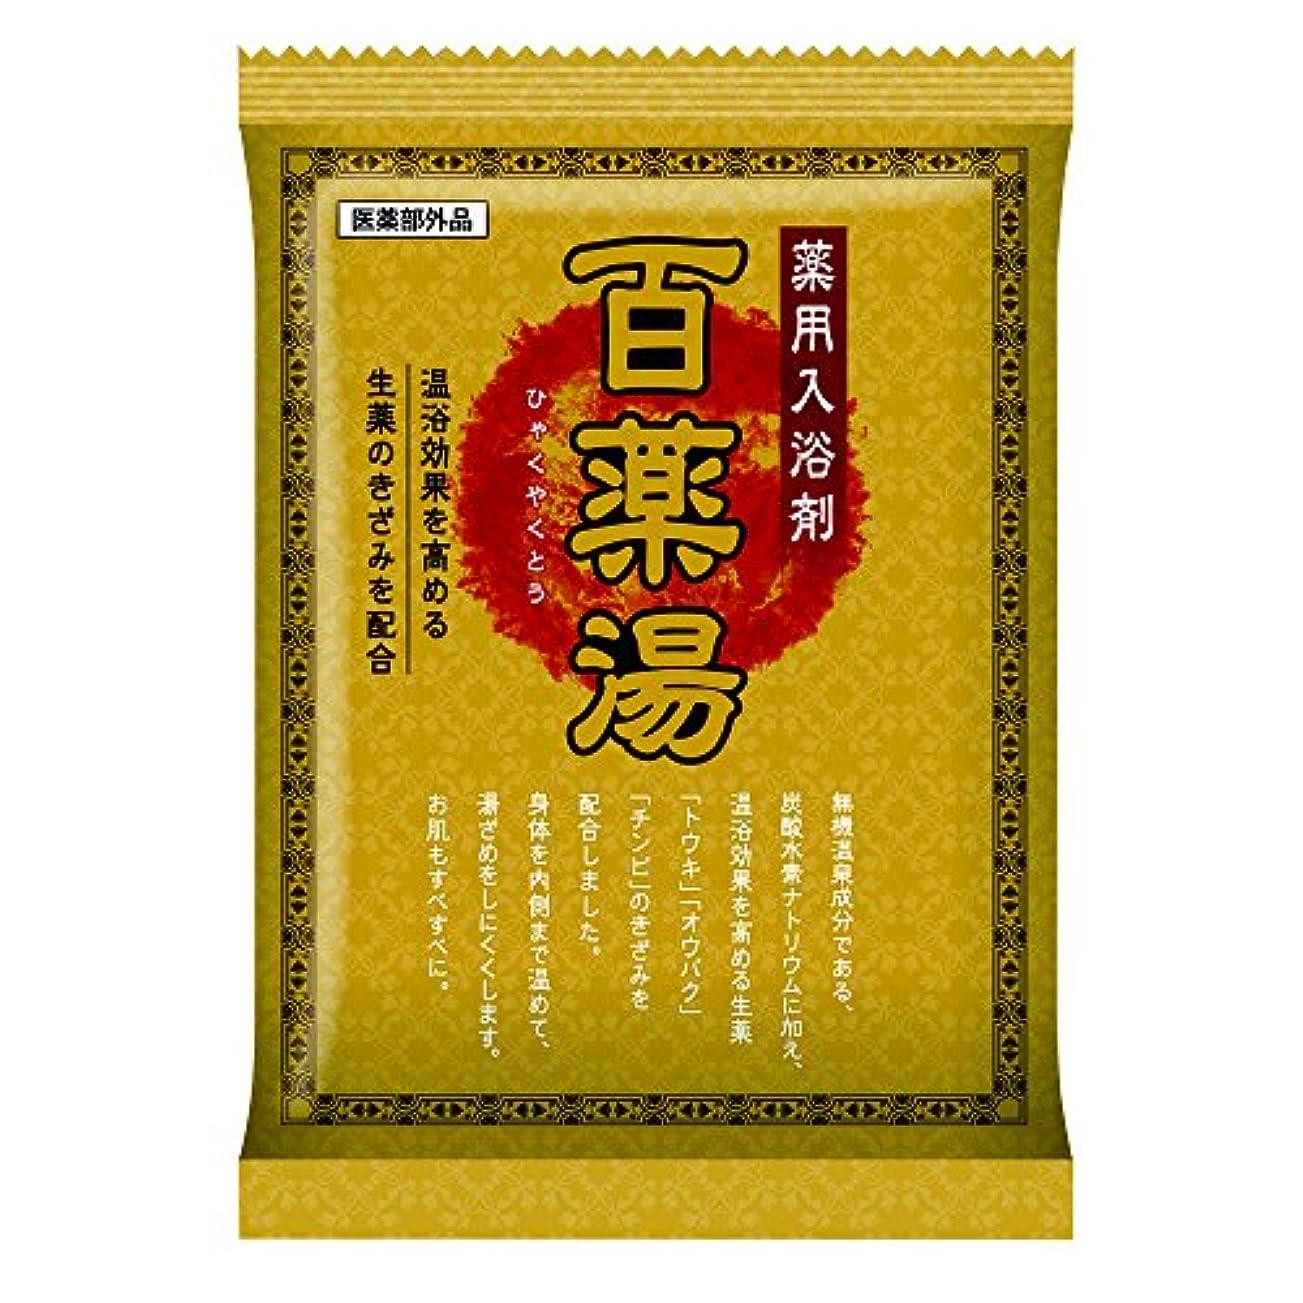 ダイジェストハードバランス百薬湯 薬用入浴剤 生薬配合 30g×1包 (医薬部外品)